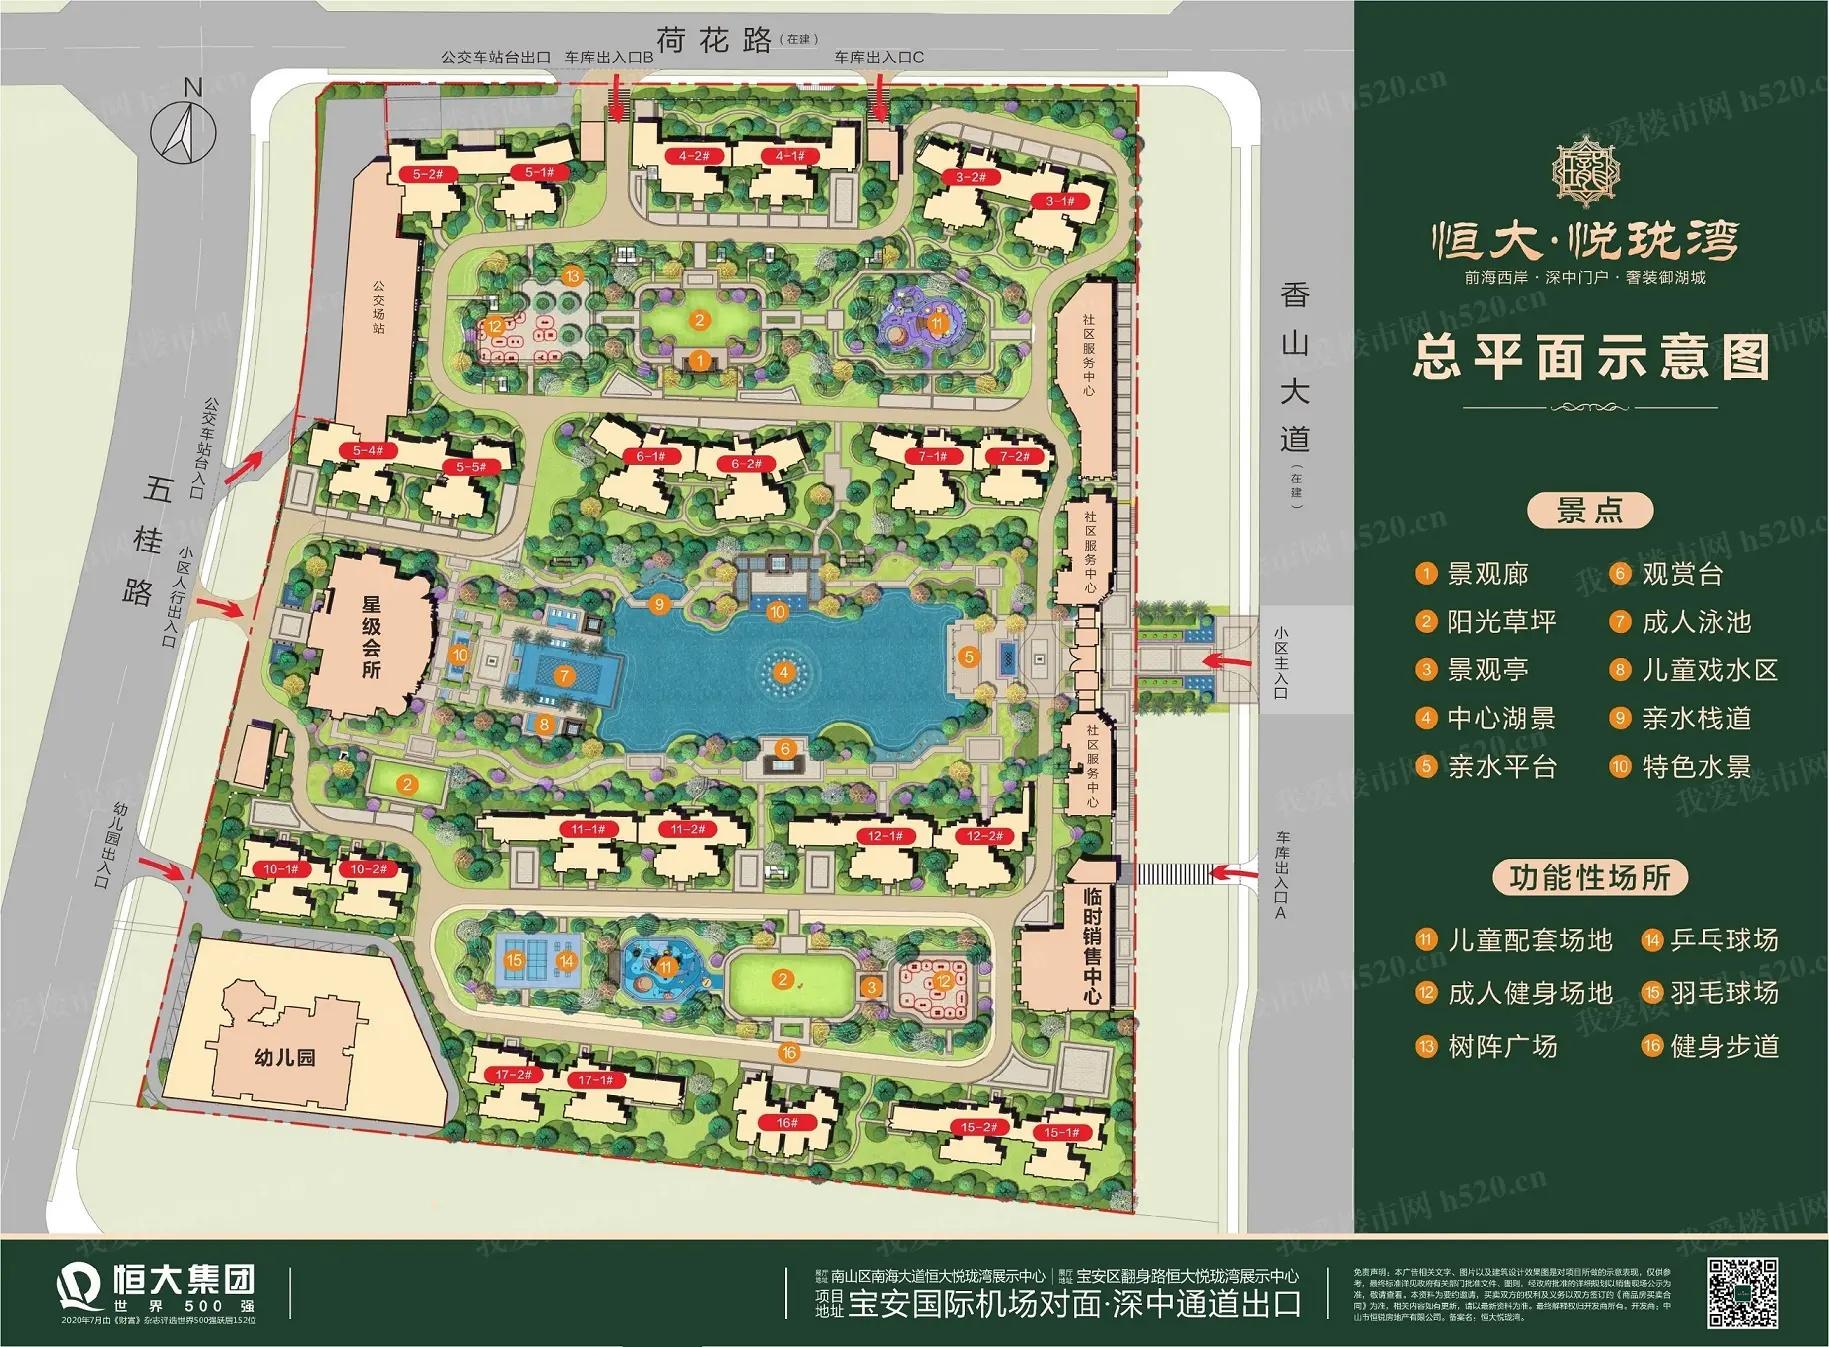 恒大新楼盘恒大·悦珑湾规划图